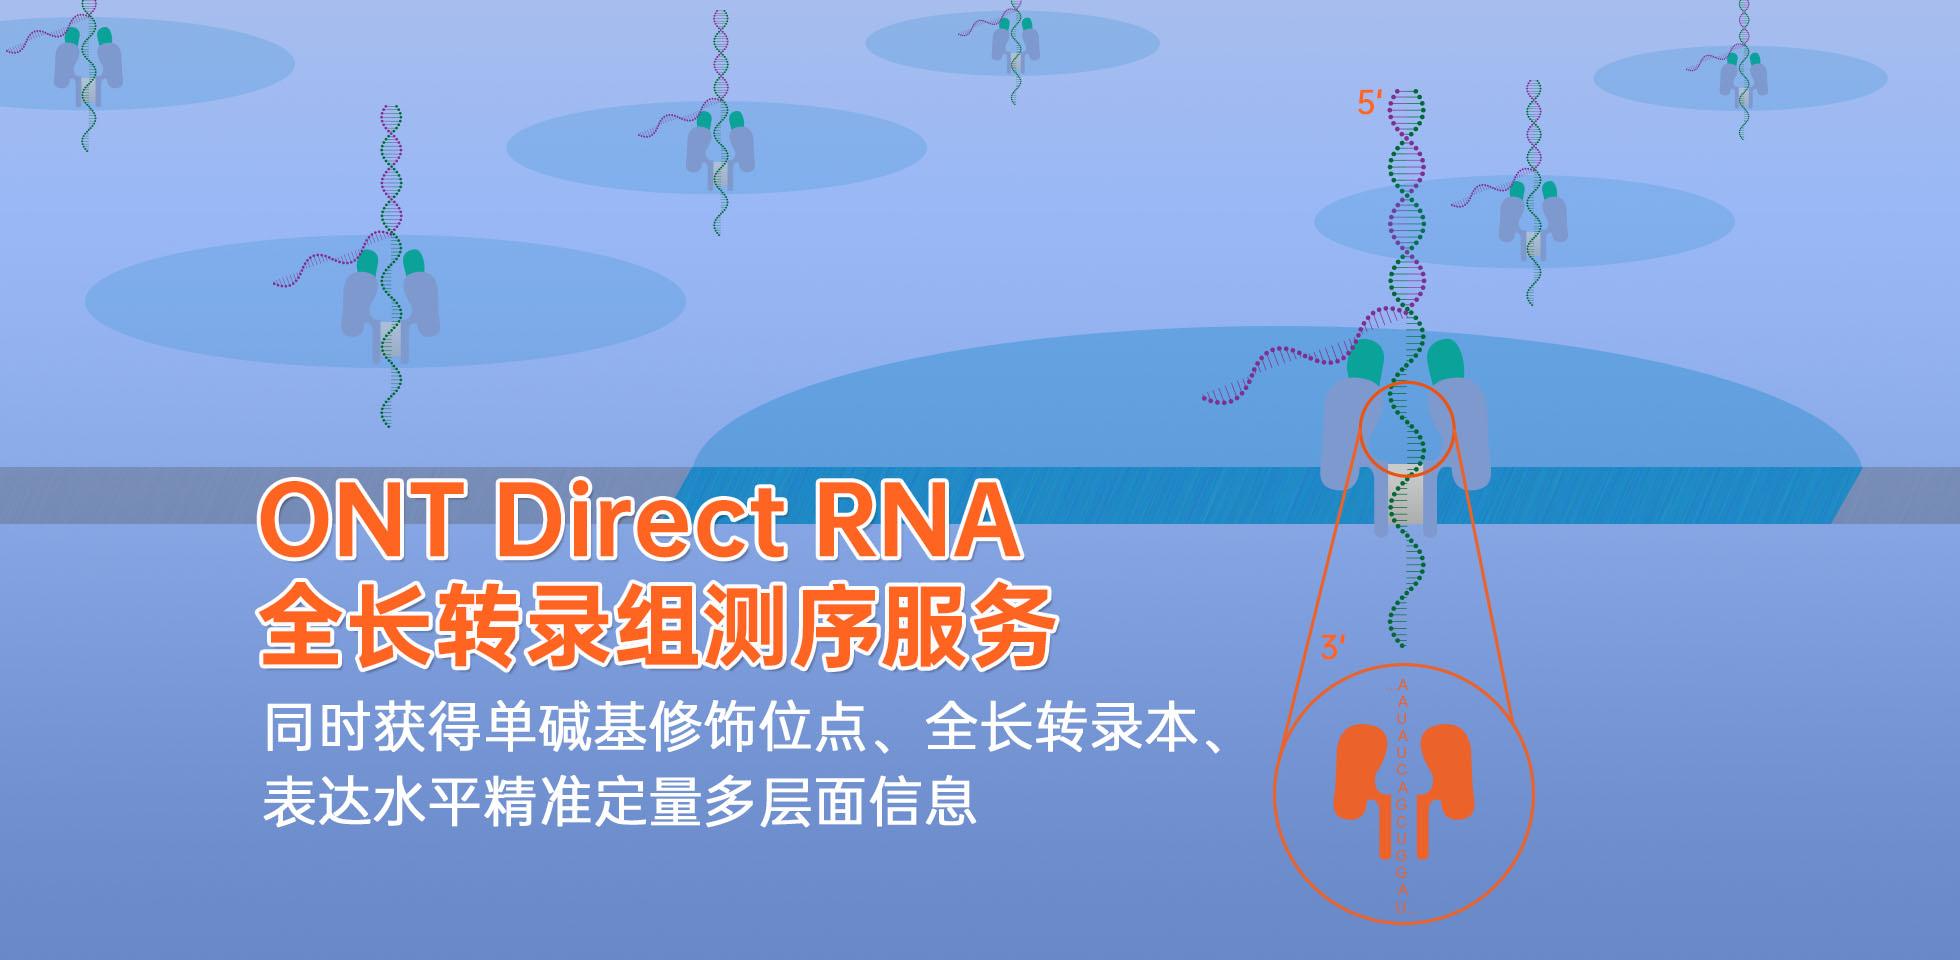 广州表观生物科技有限公司-69-5轮播图